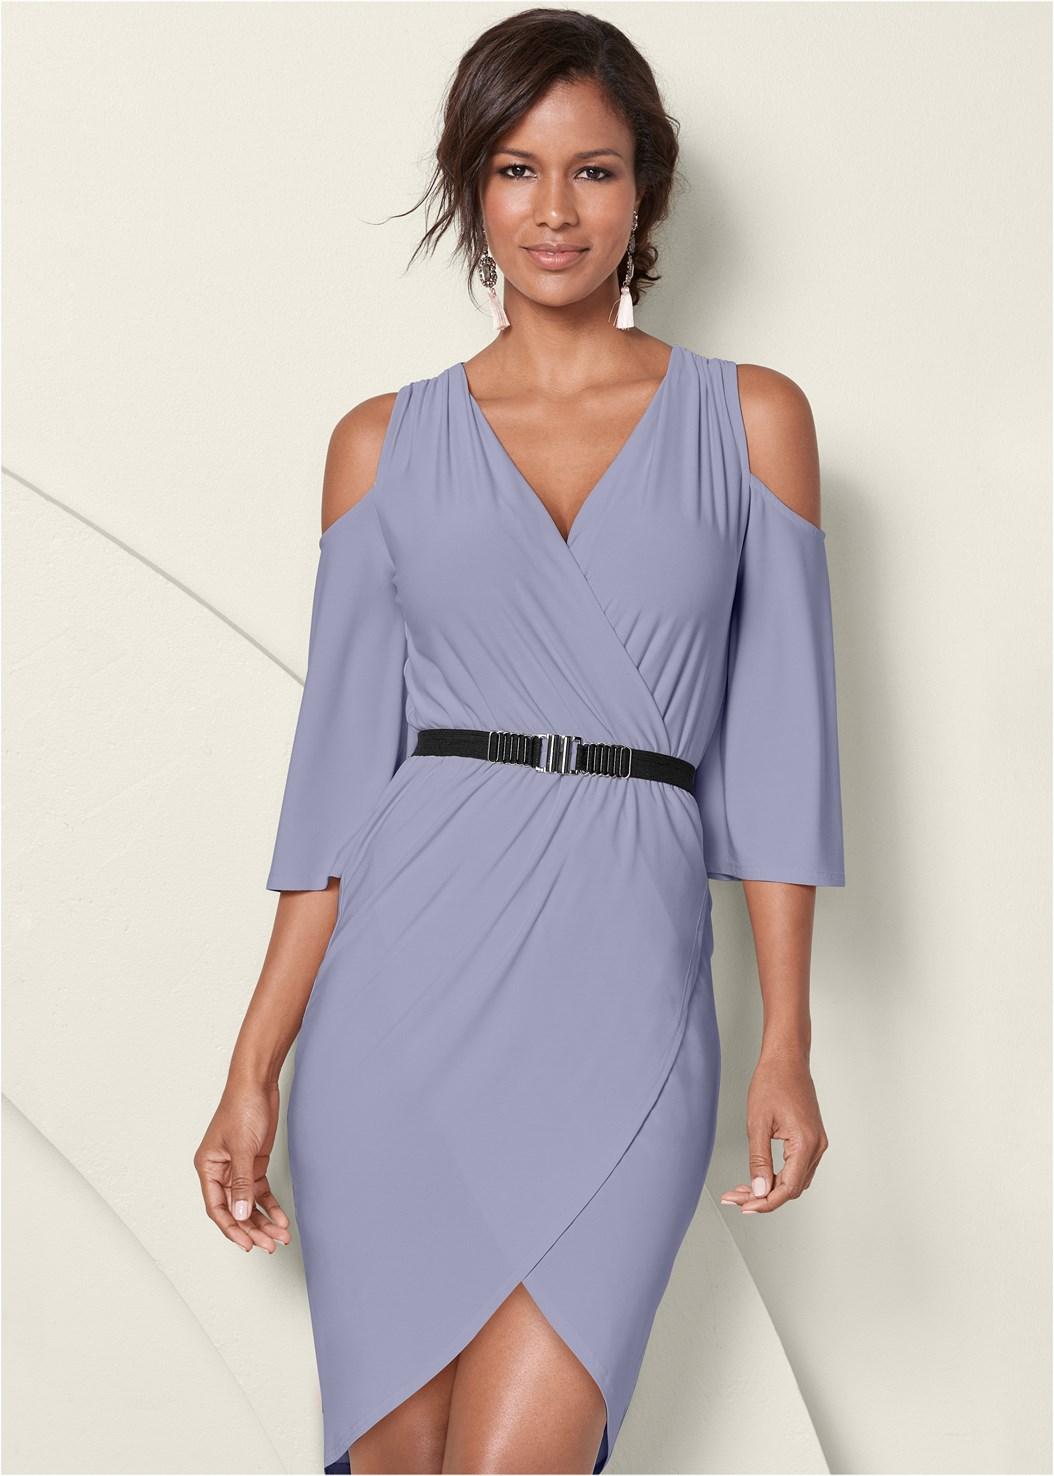 Cold Shoulder Belted Dress,High Heel Strappy Sandals